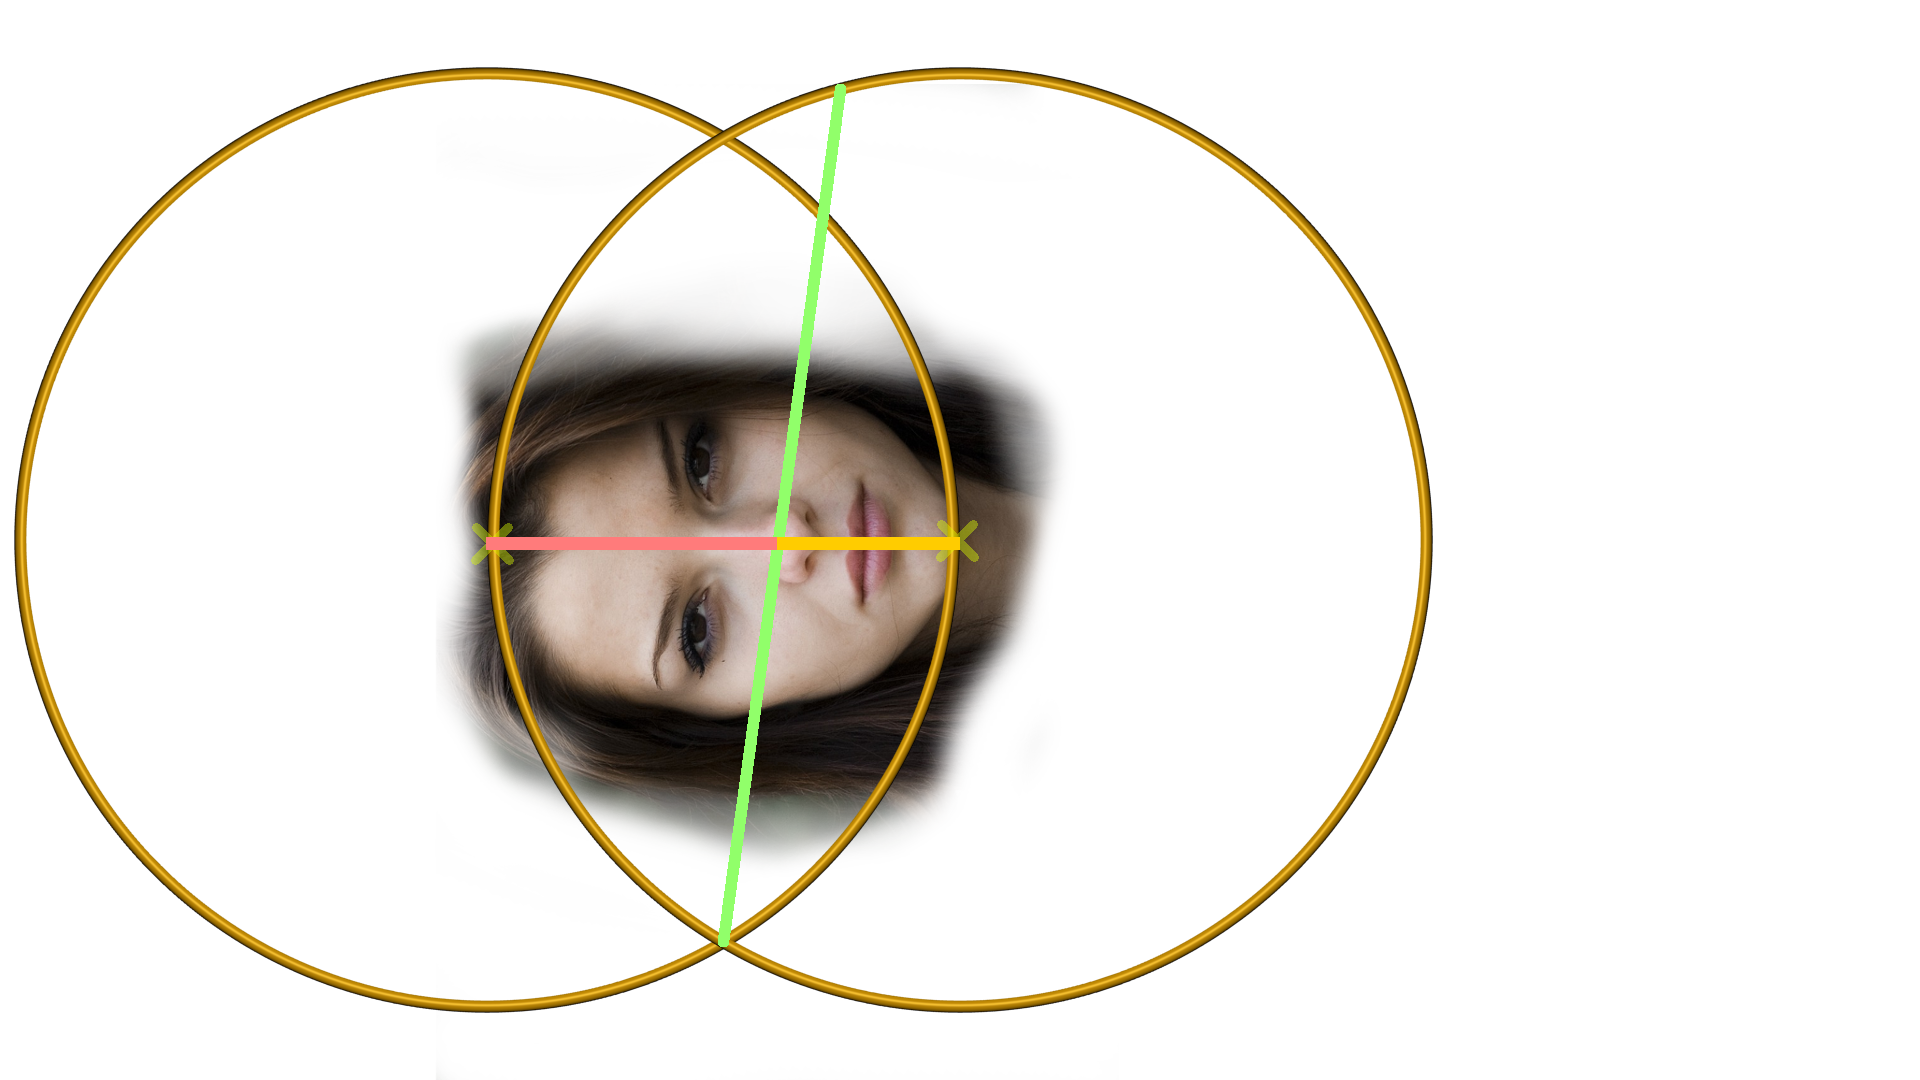 der goldene Schnitt: Das Gesicht mit dem goldenem Schnitt